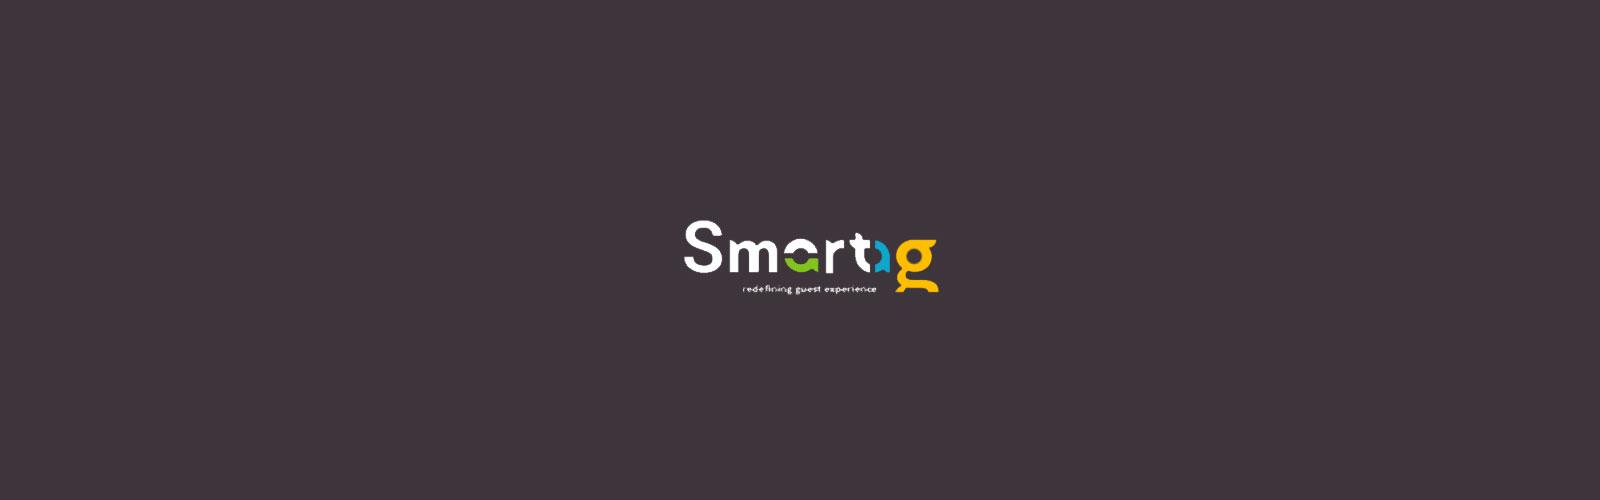 smartag